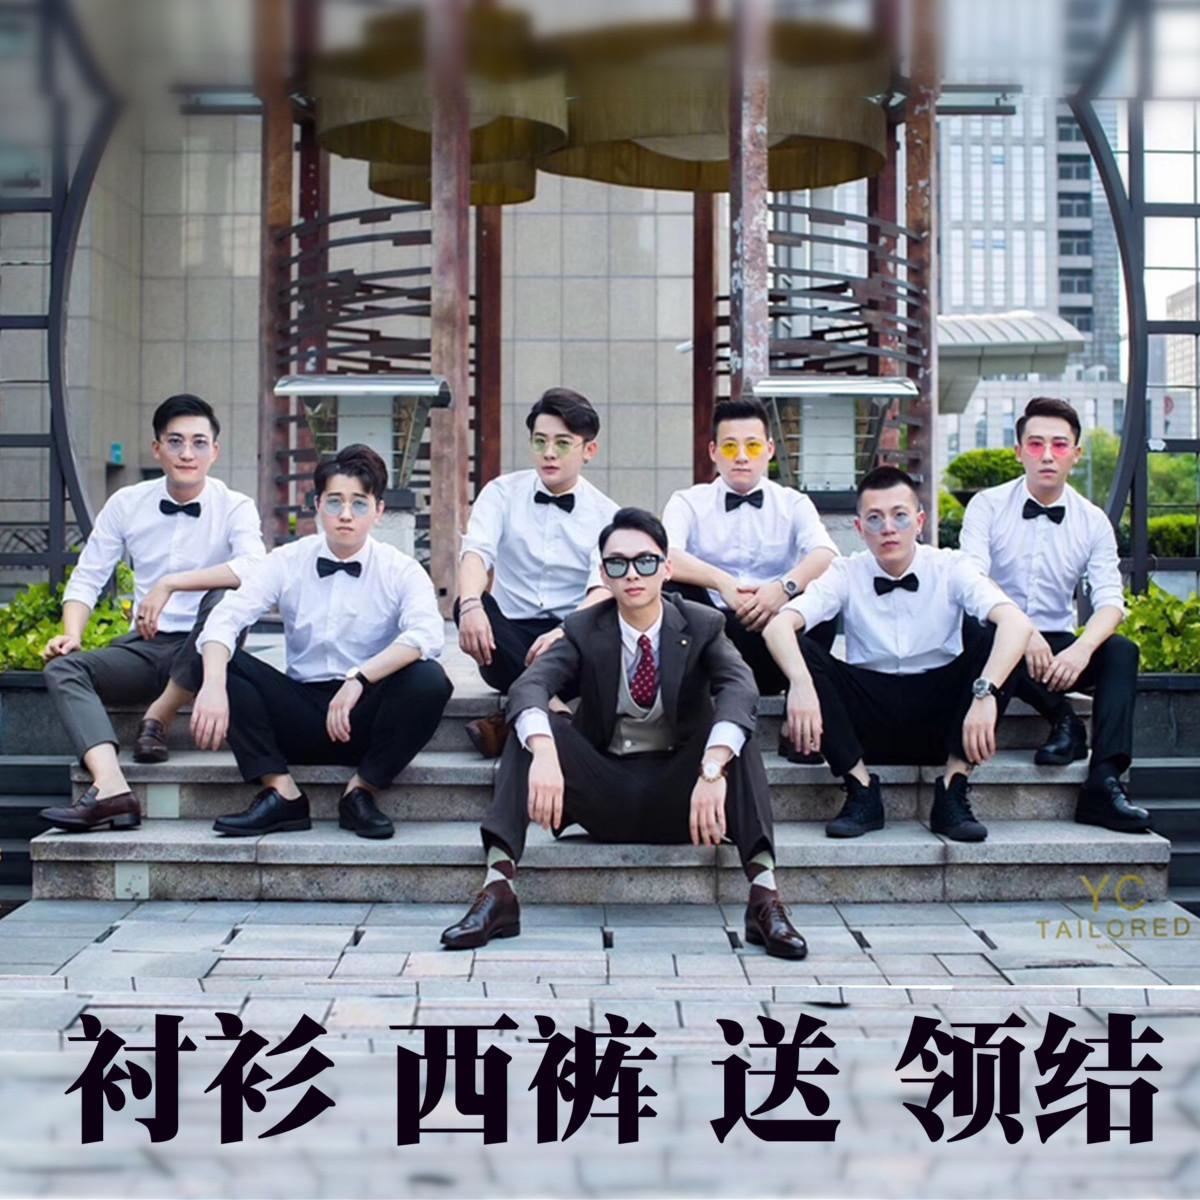 伴郎服装衬衫西裤马甲套装男秋季新郎结婚礼服背带裤兄弟装三件套